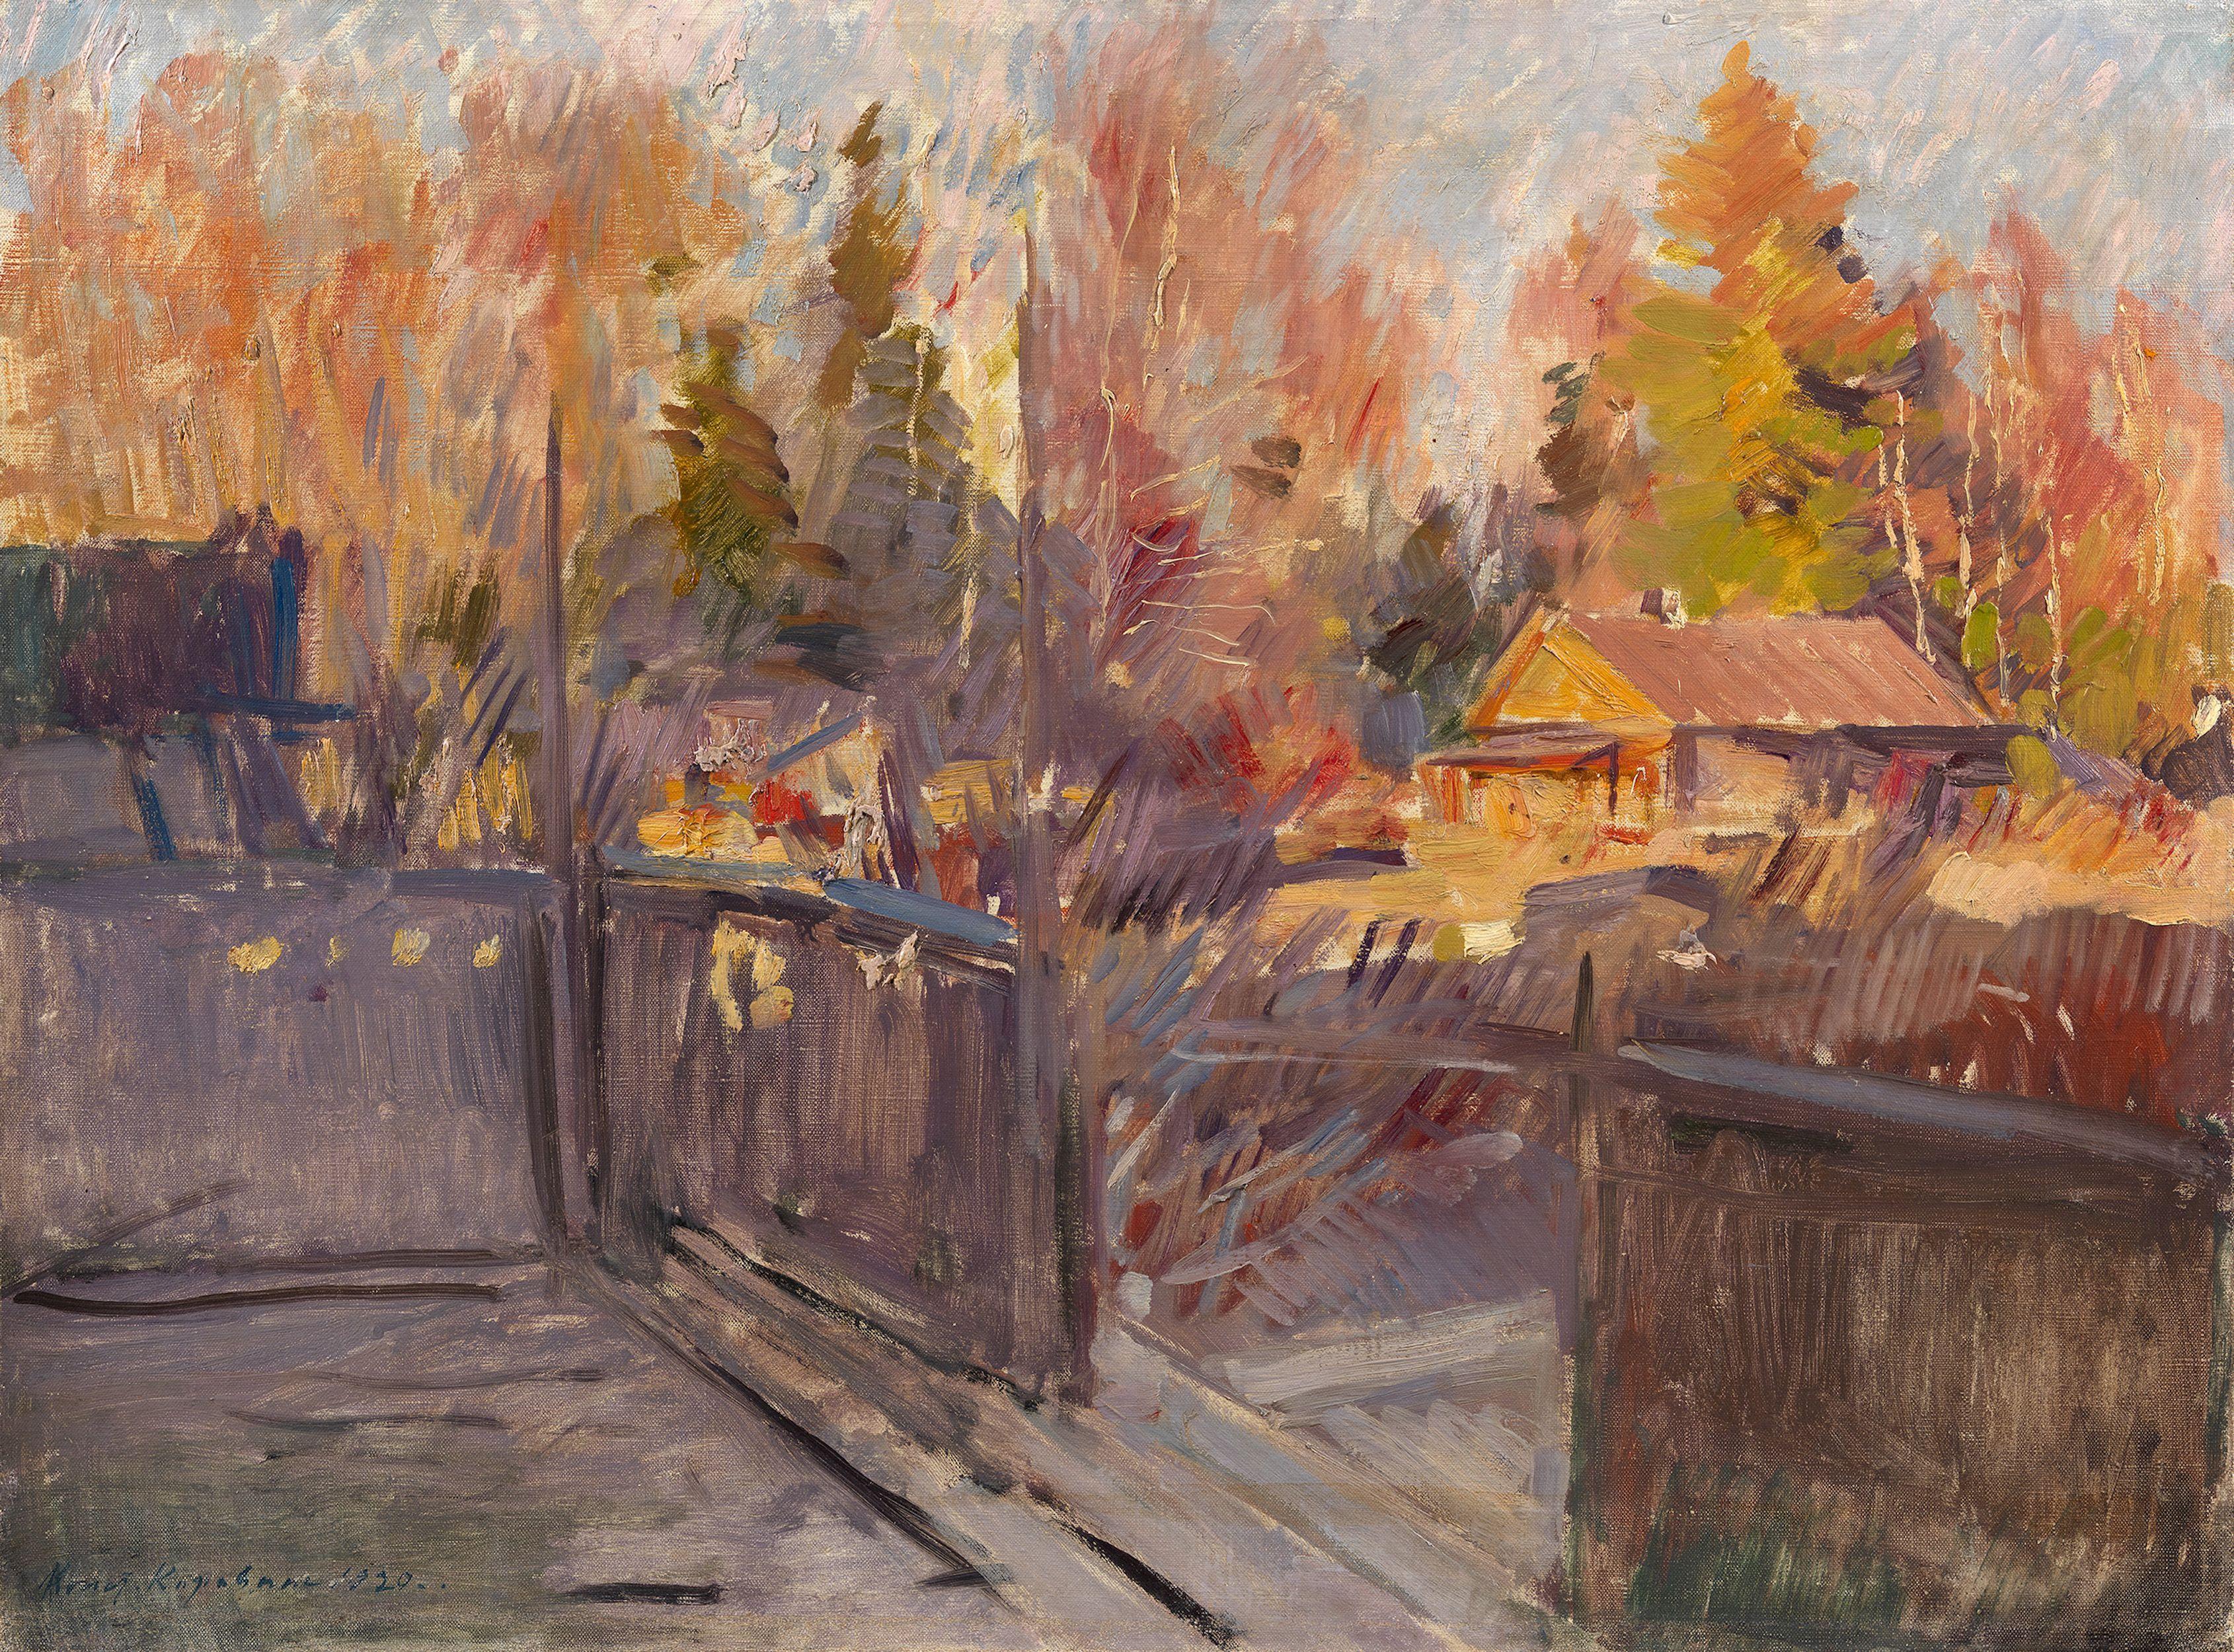 Lot 20 Konstantin Korovin, Spring in the Village